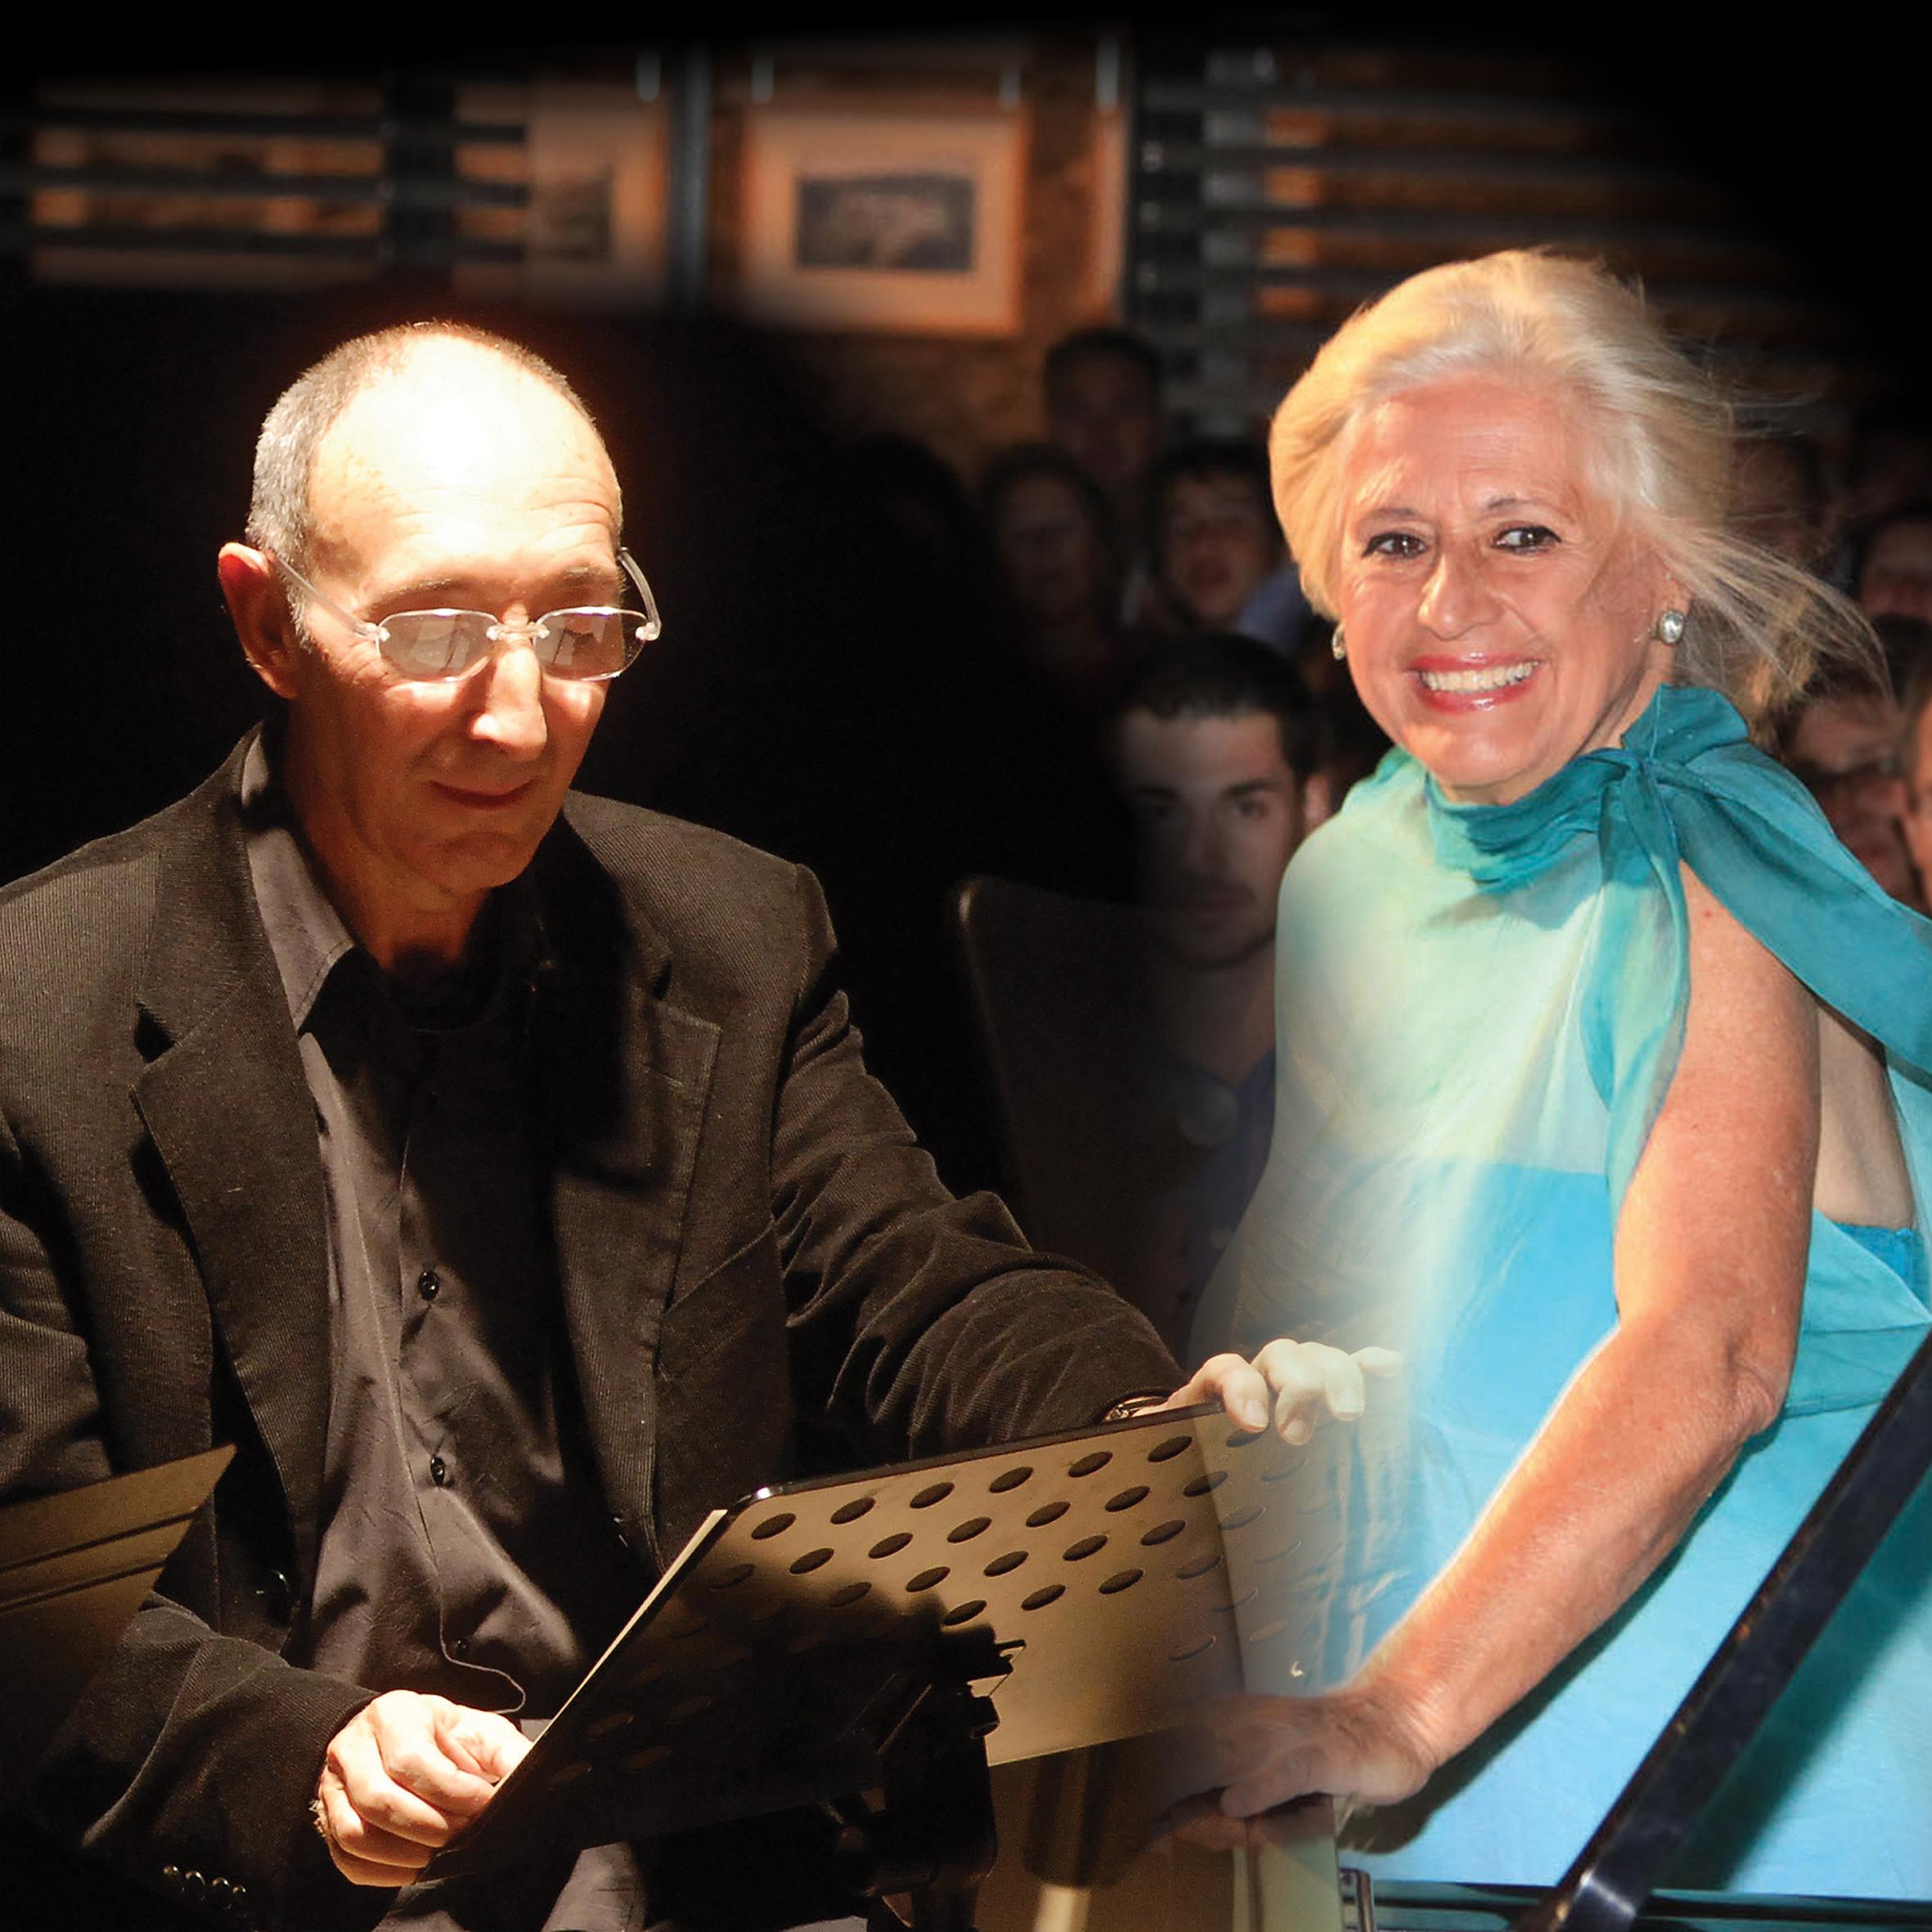 El TMR ofereix l'espectacle poeticomusical dels artistes rosincs Carme Vilà i Ignasi Tomàs